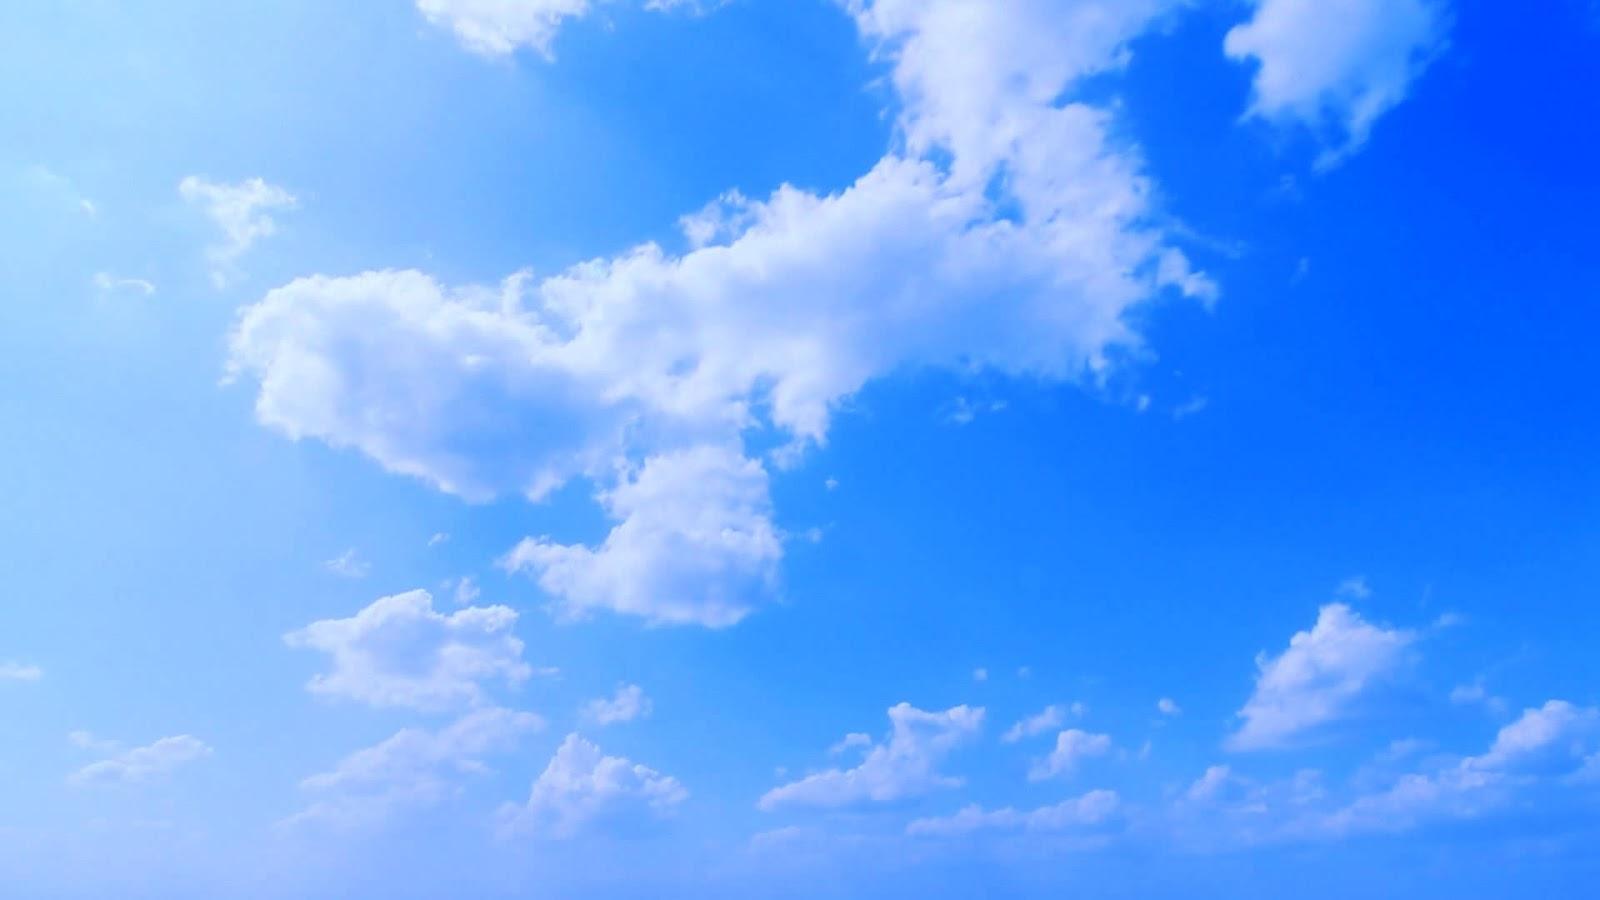 صورة لماذا السماء زرقاء , لماذا تبدو السماء زرقاء اللون